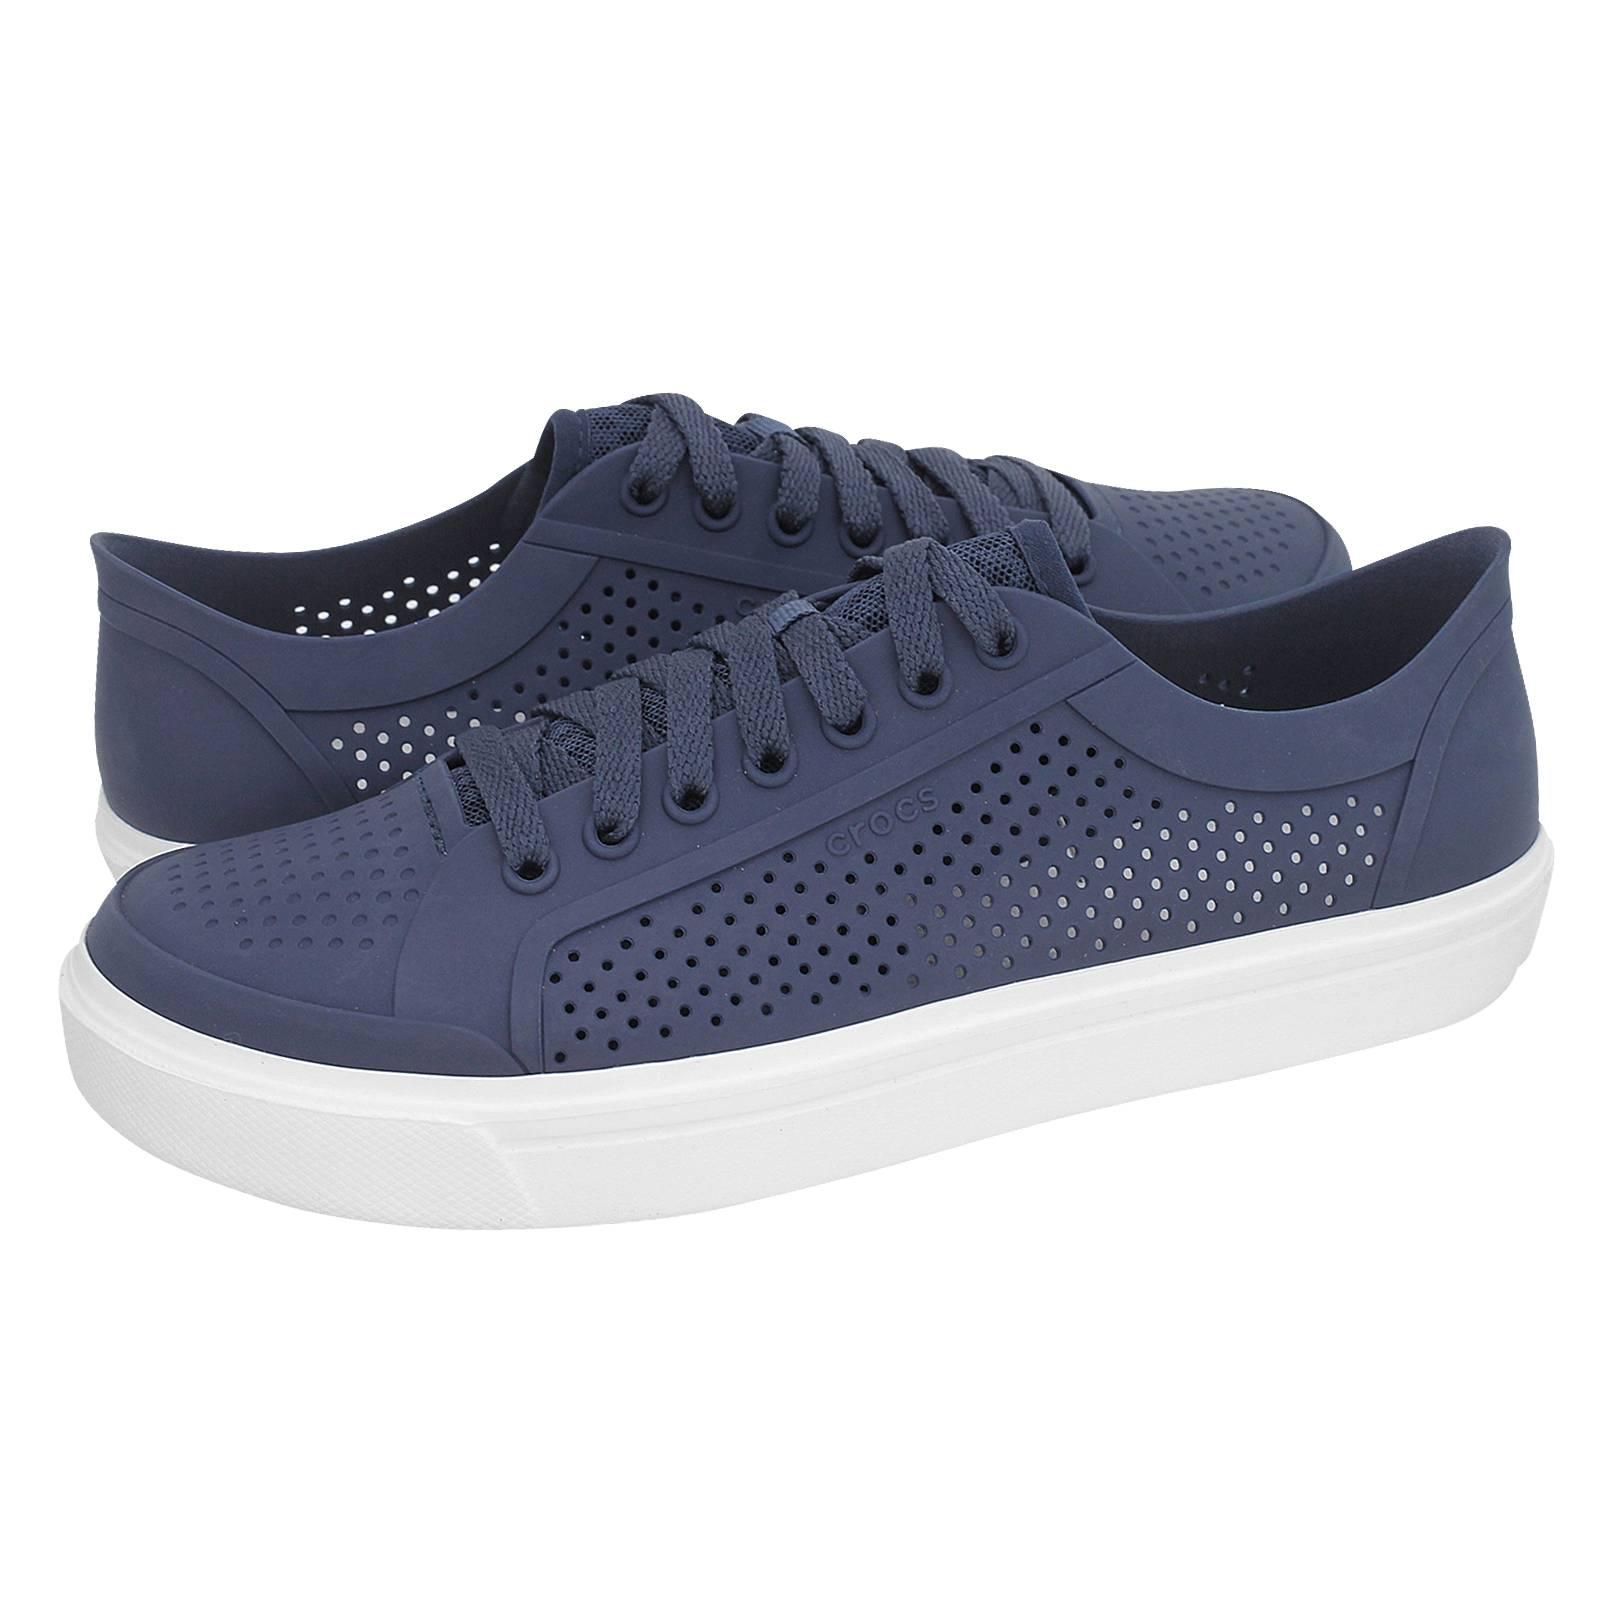 bd8efdcaeef Citilane Roka Court - Ανδρικά παπούτσια casual Crocs από croslite ...